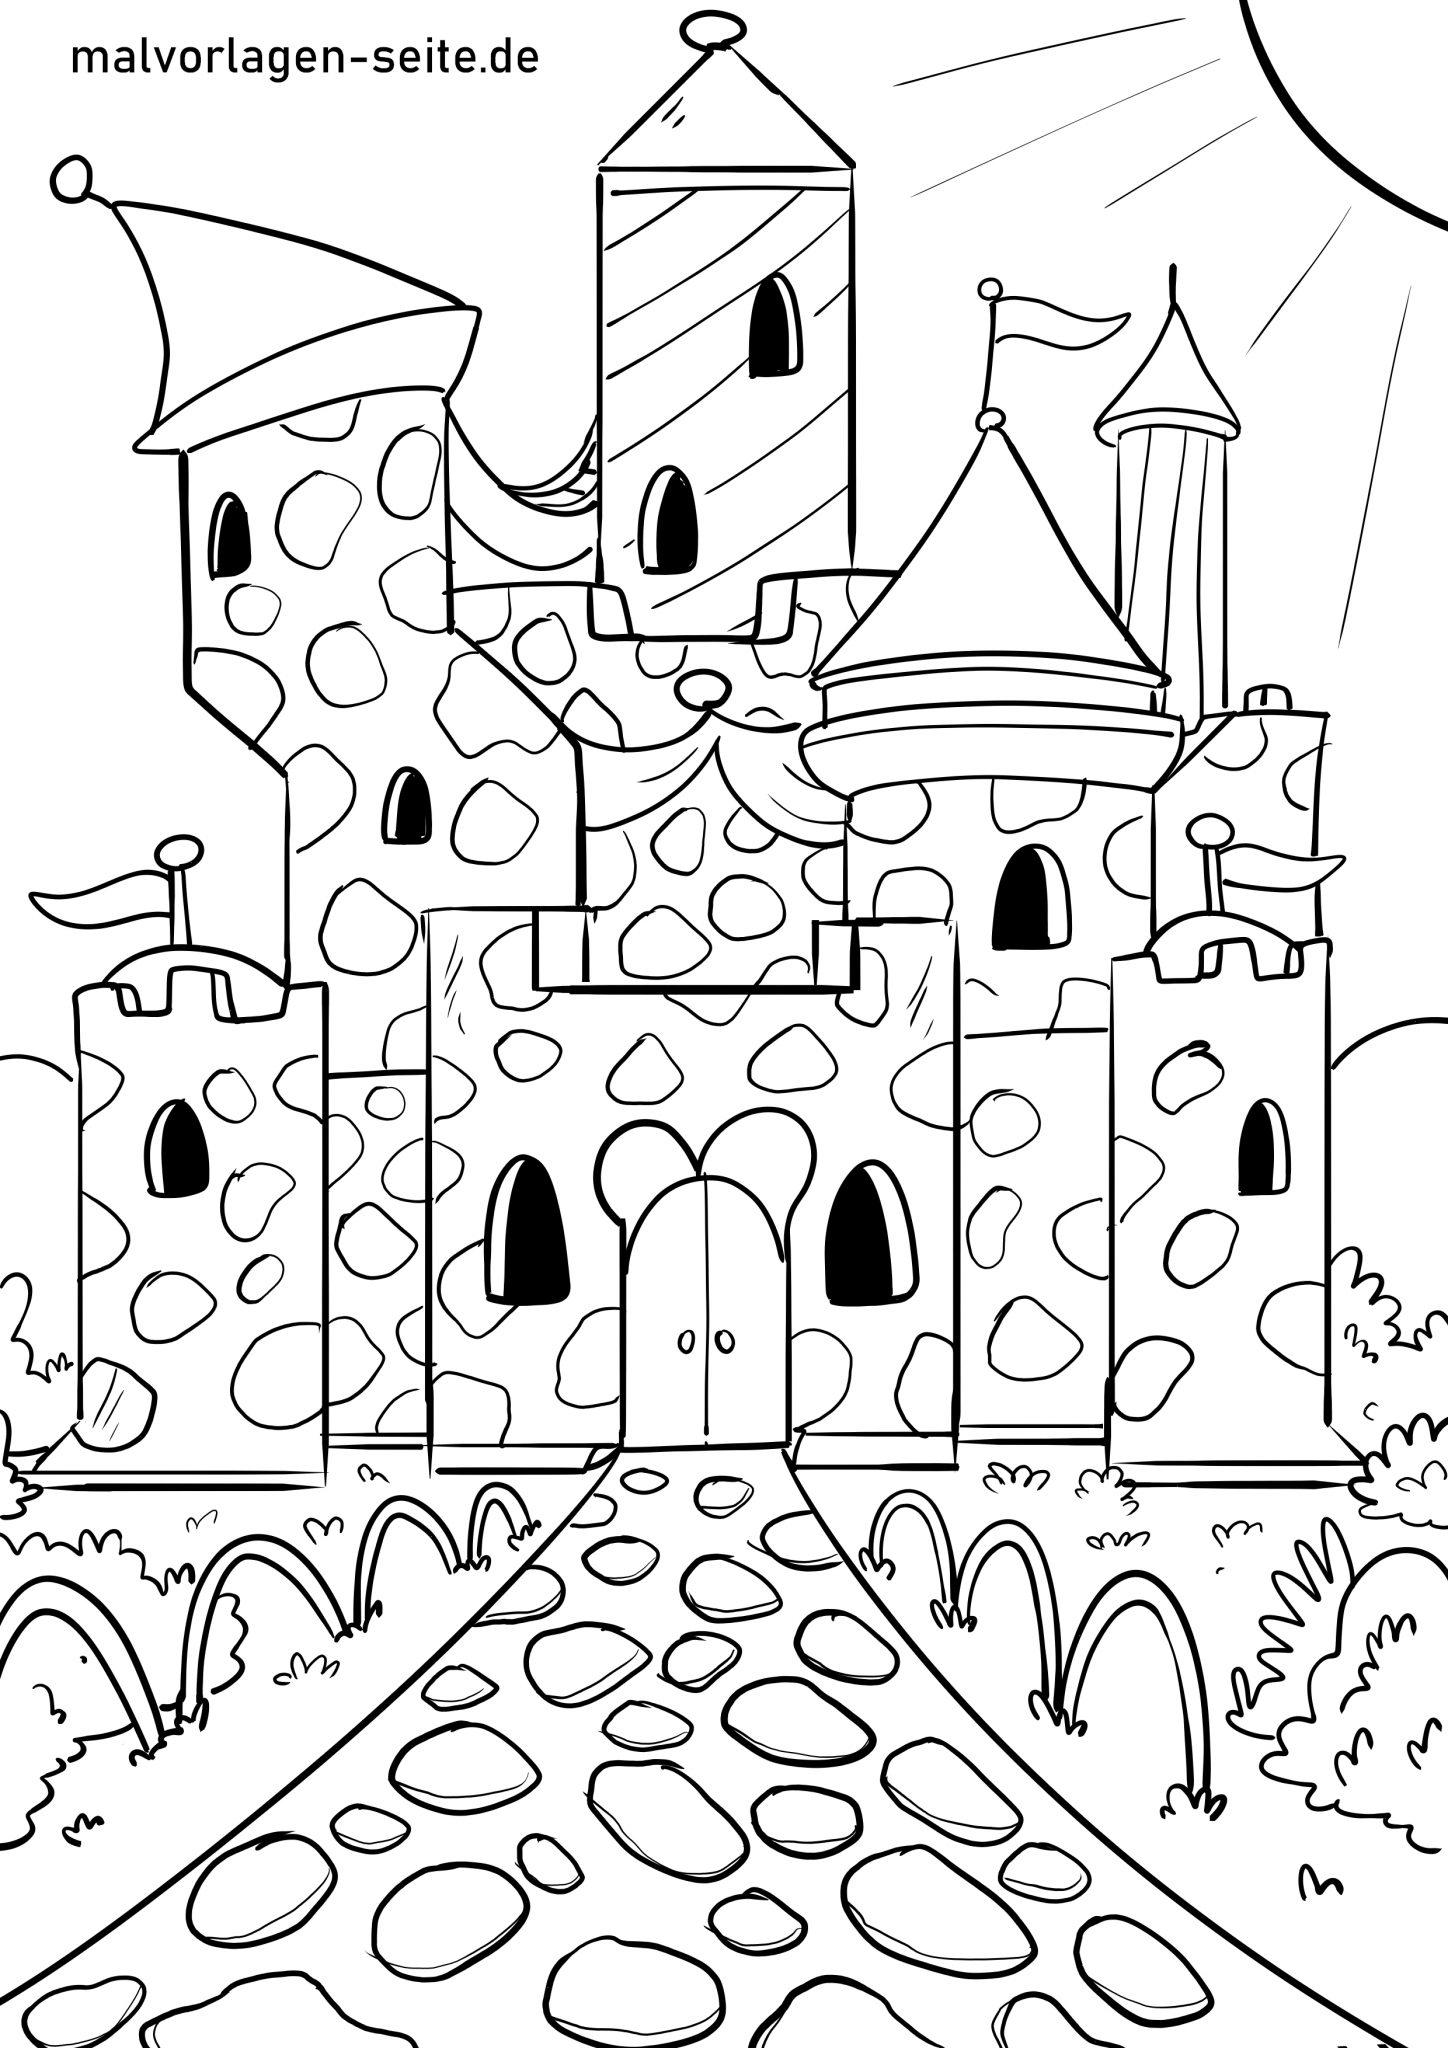 Malvorlage Burg - Ausmalbilder Kostenlos Herunterladen mit